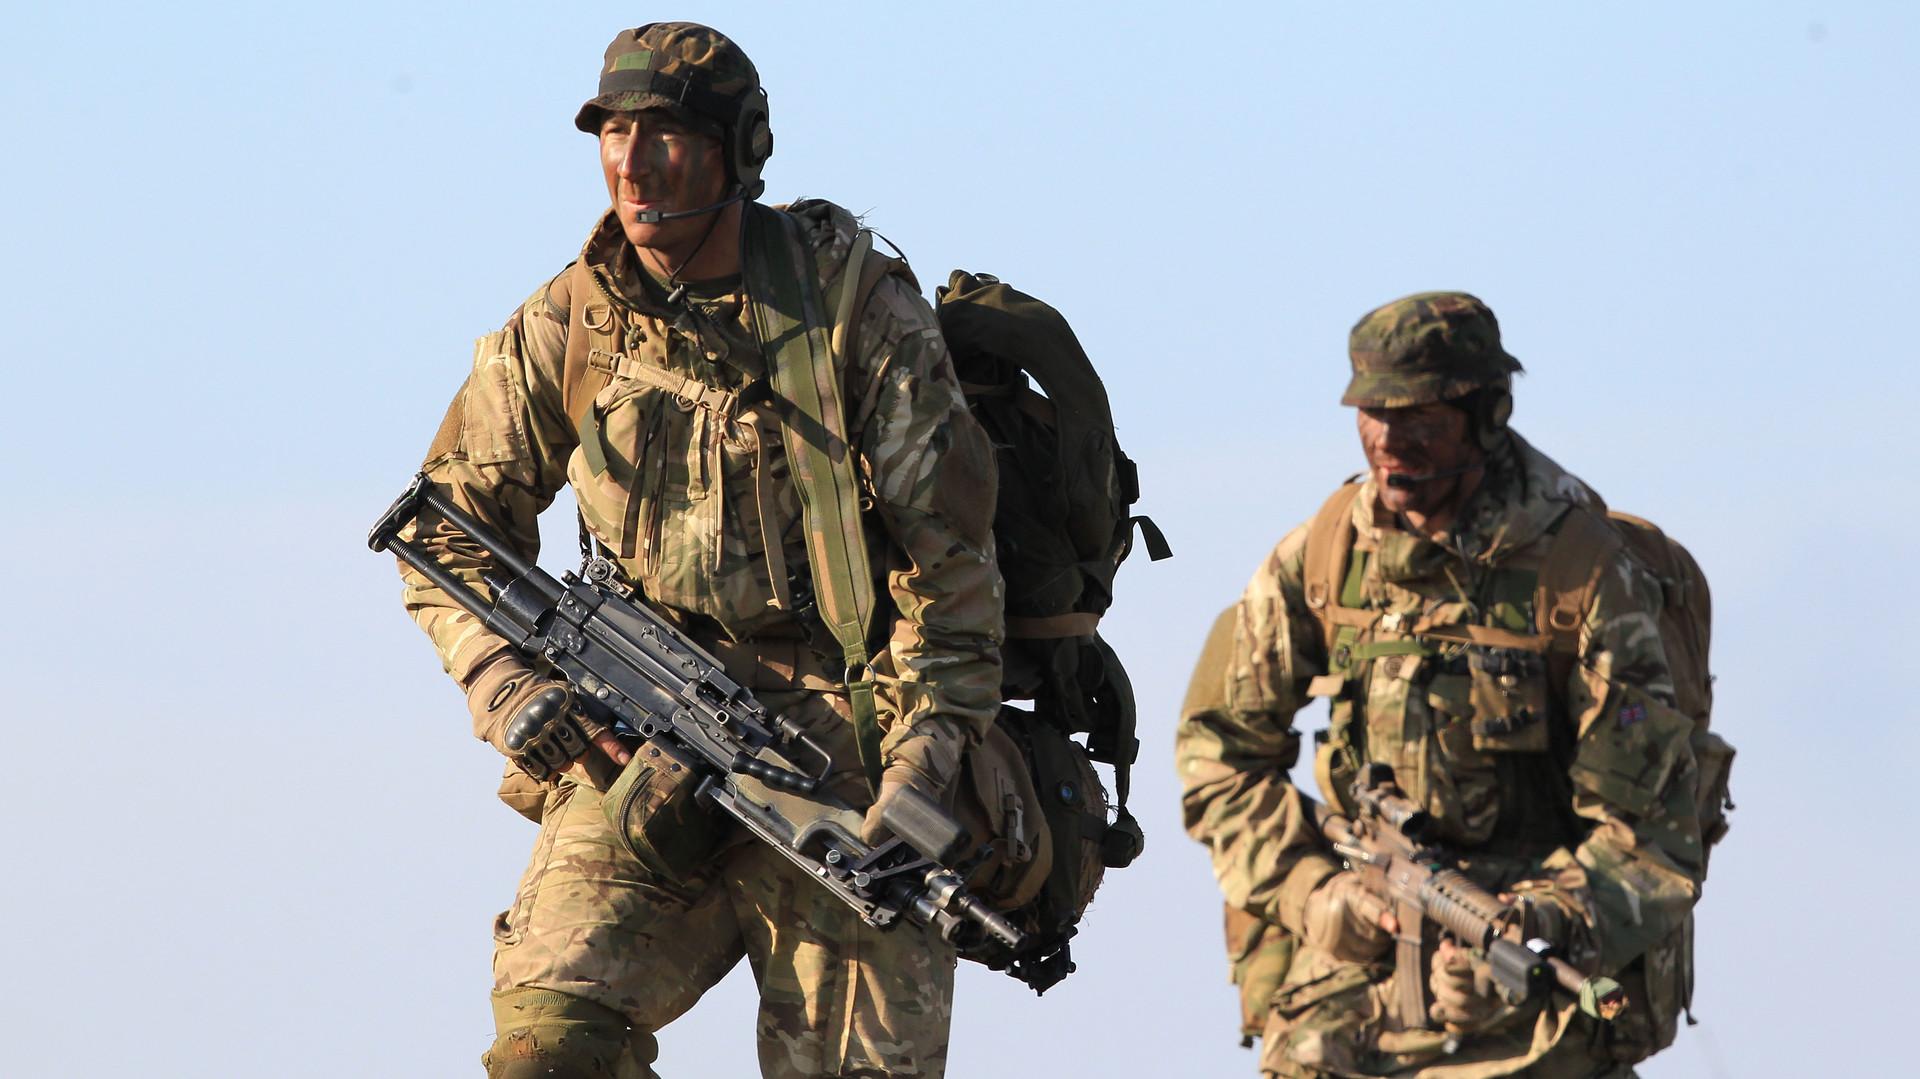 Армейский провал: 8 тысяч британских военных не прошли проверку на силу и выносливость